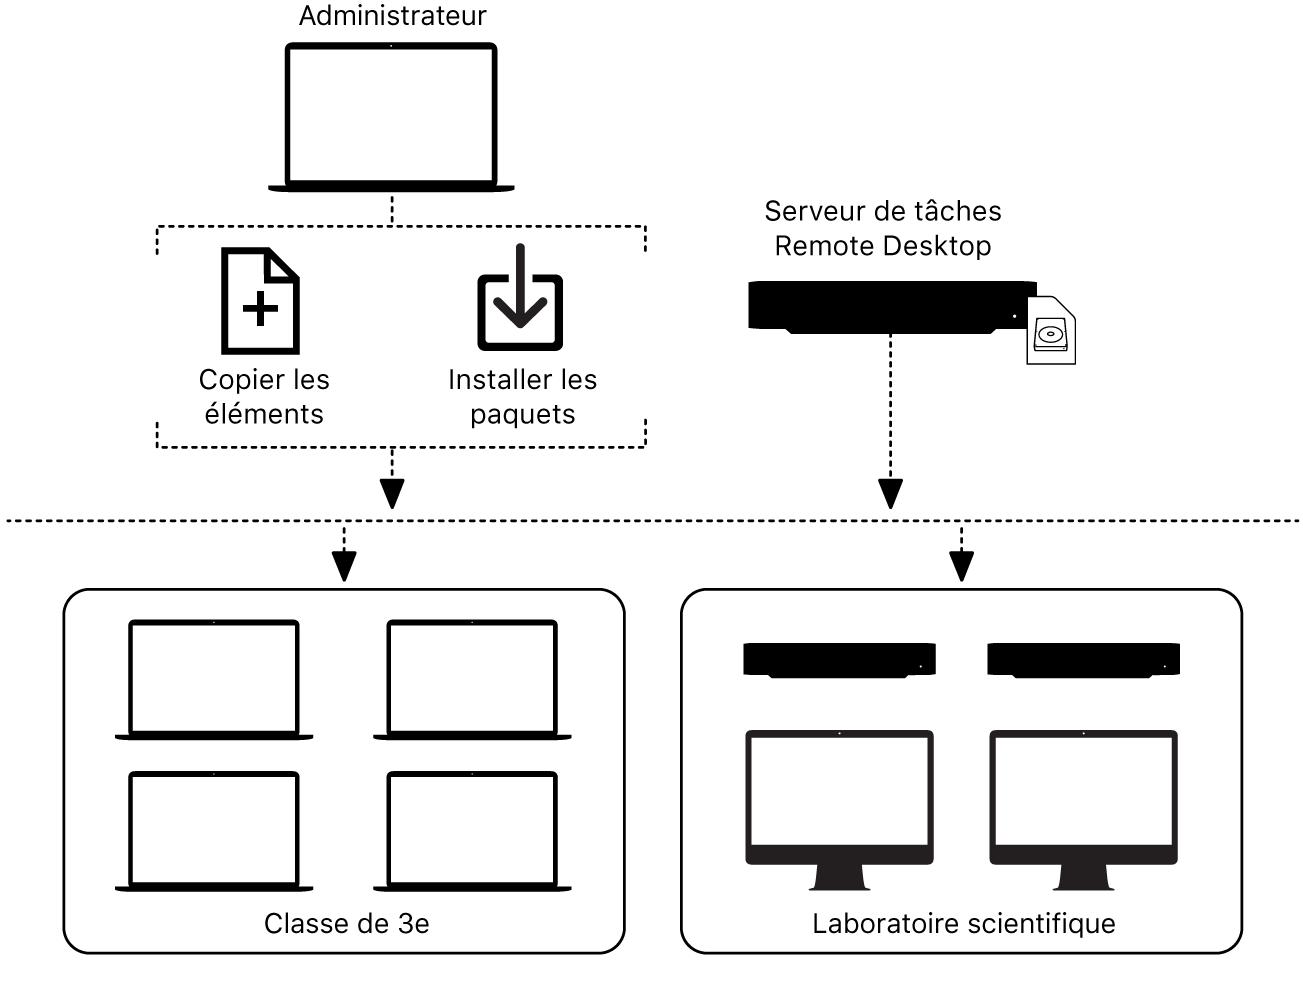 Vous pouvez copier des fichiers ou installer des paquets sur des ordinateurs à distance avec RemoteDesktop.